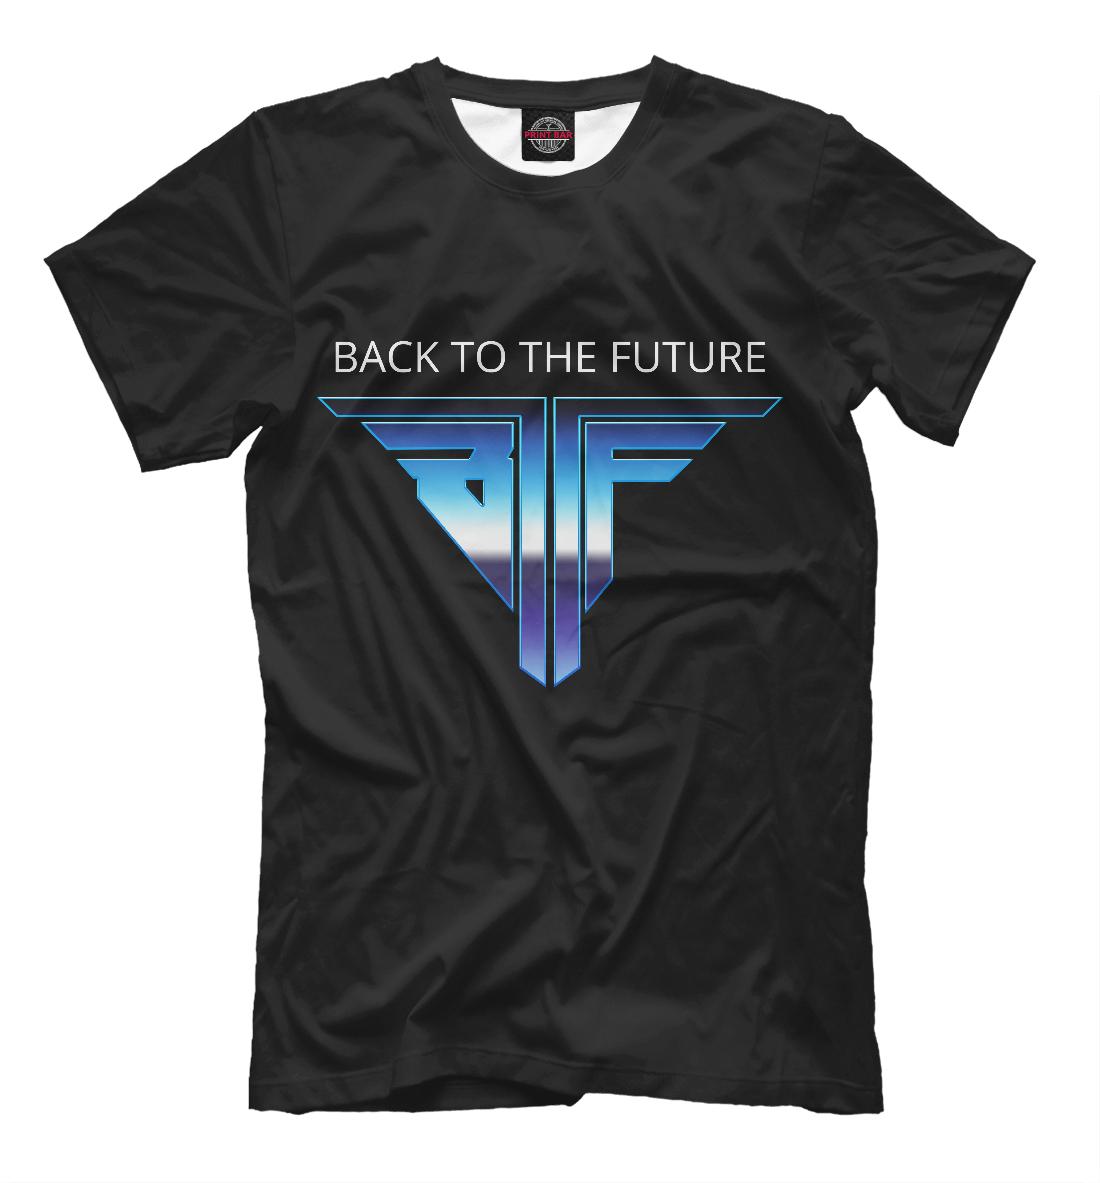 Купить Назад в будущее, Printbar, Футболки, KNO-785881-fut-2